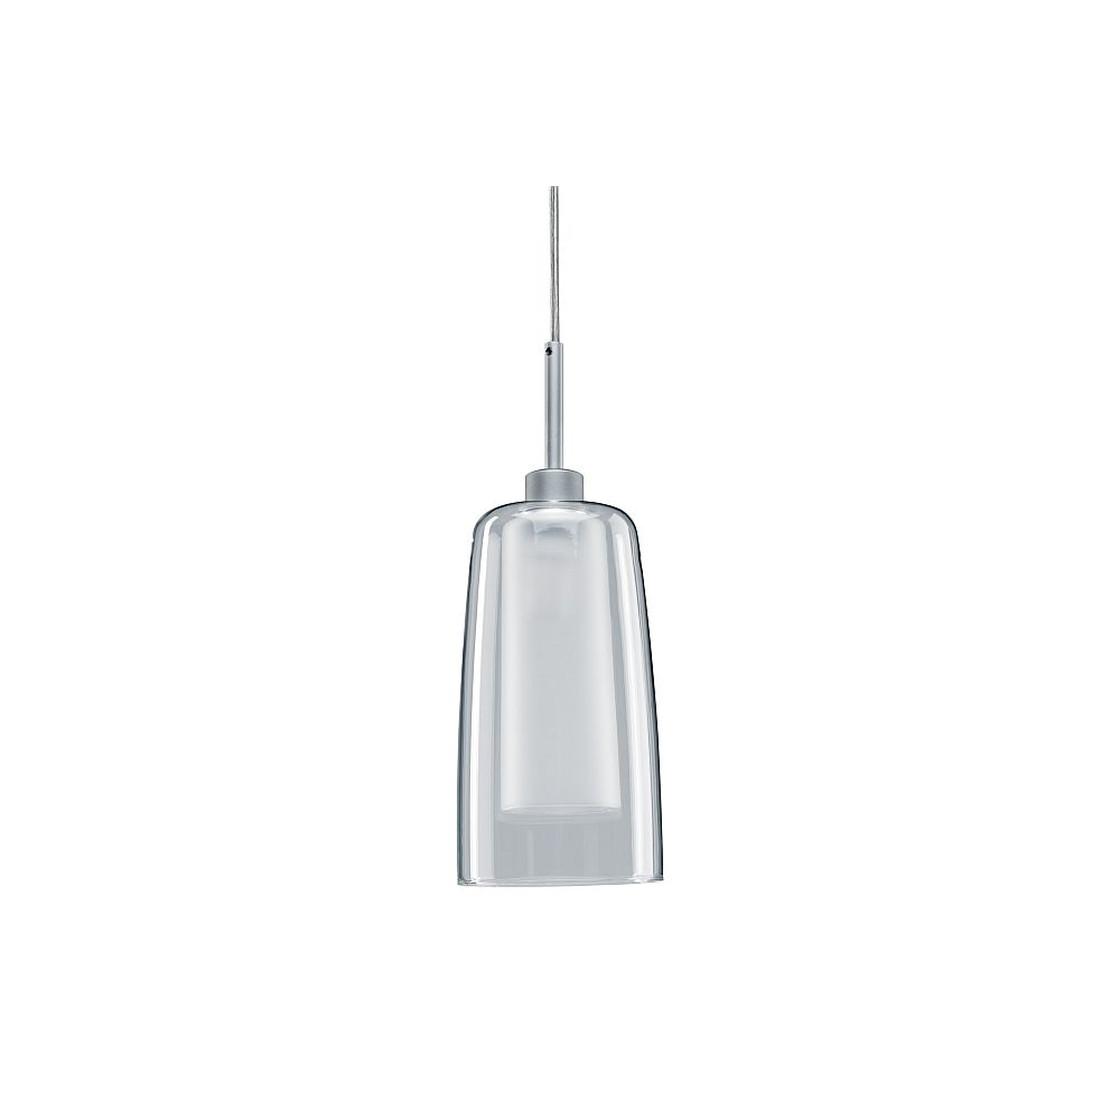 Paulmann urail led pendulum arido 3w chrom matt for Lampen rampe